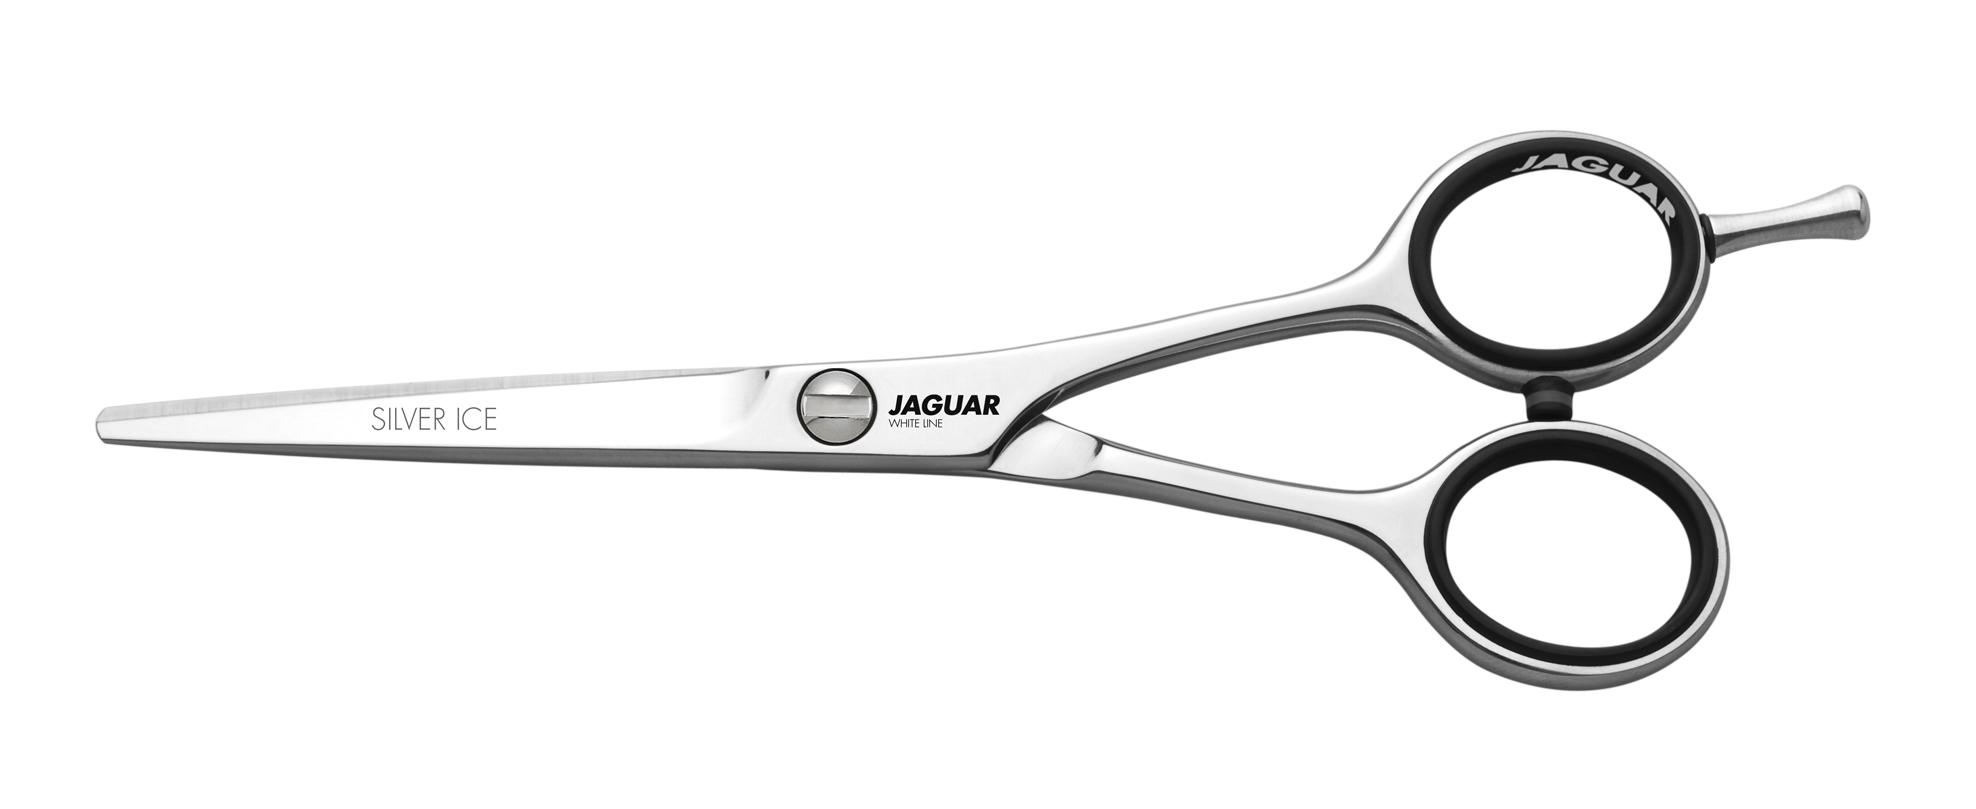 JAGUAR Ножницы Jaguar Silver Ice 5,5'(14cm)WL от Галерея Косметики